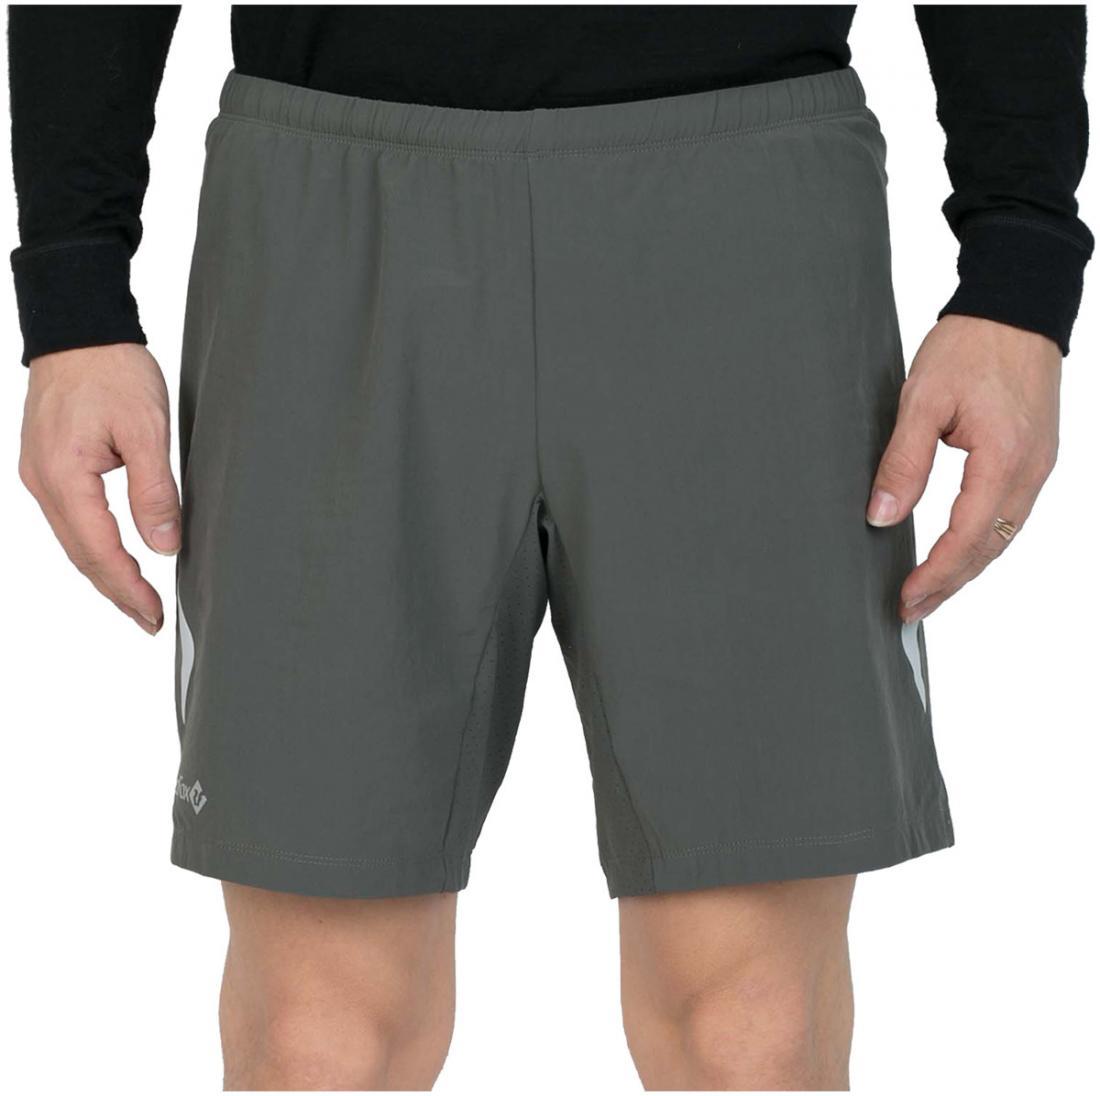 Шорты Race IIШорты, бриджи<br><br> Легкие спортивные шорты свободного кроя. выполненыиз эластичного материала с высокими показателямиотведения и испарения влаги, что...<br><br>Цвет: Серый<br>Размер: 46